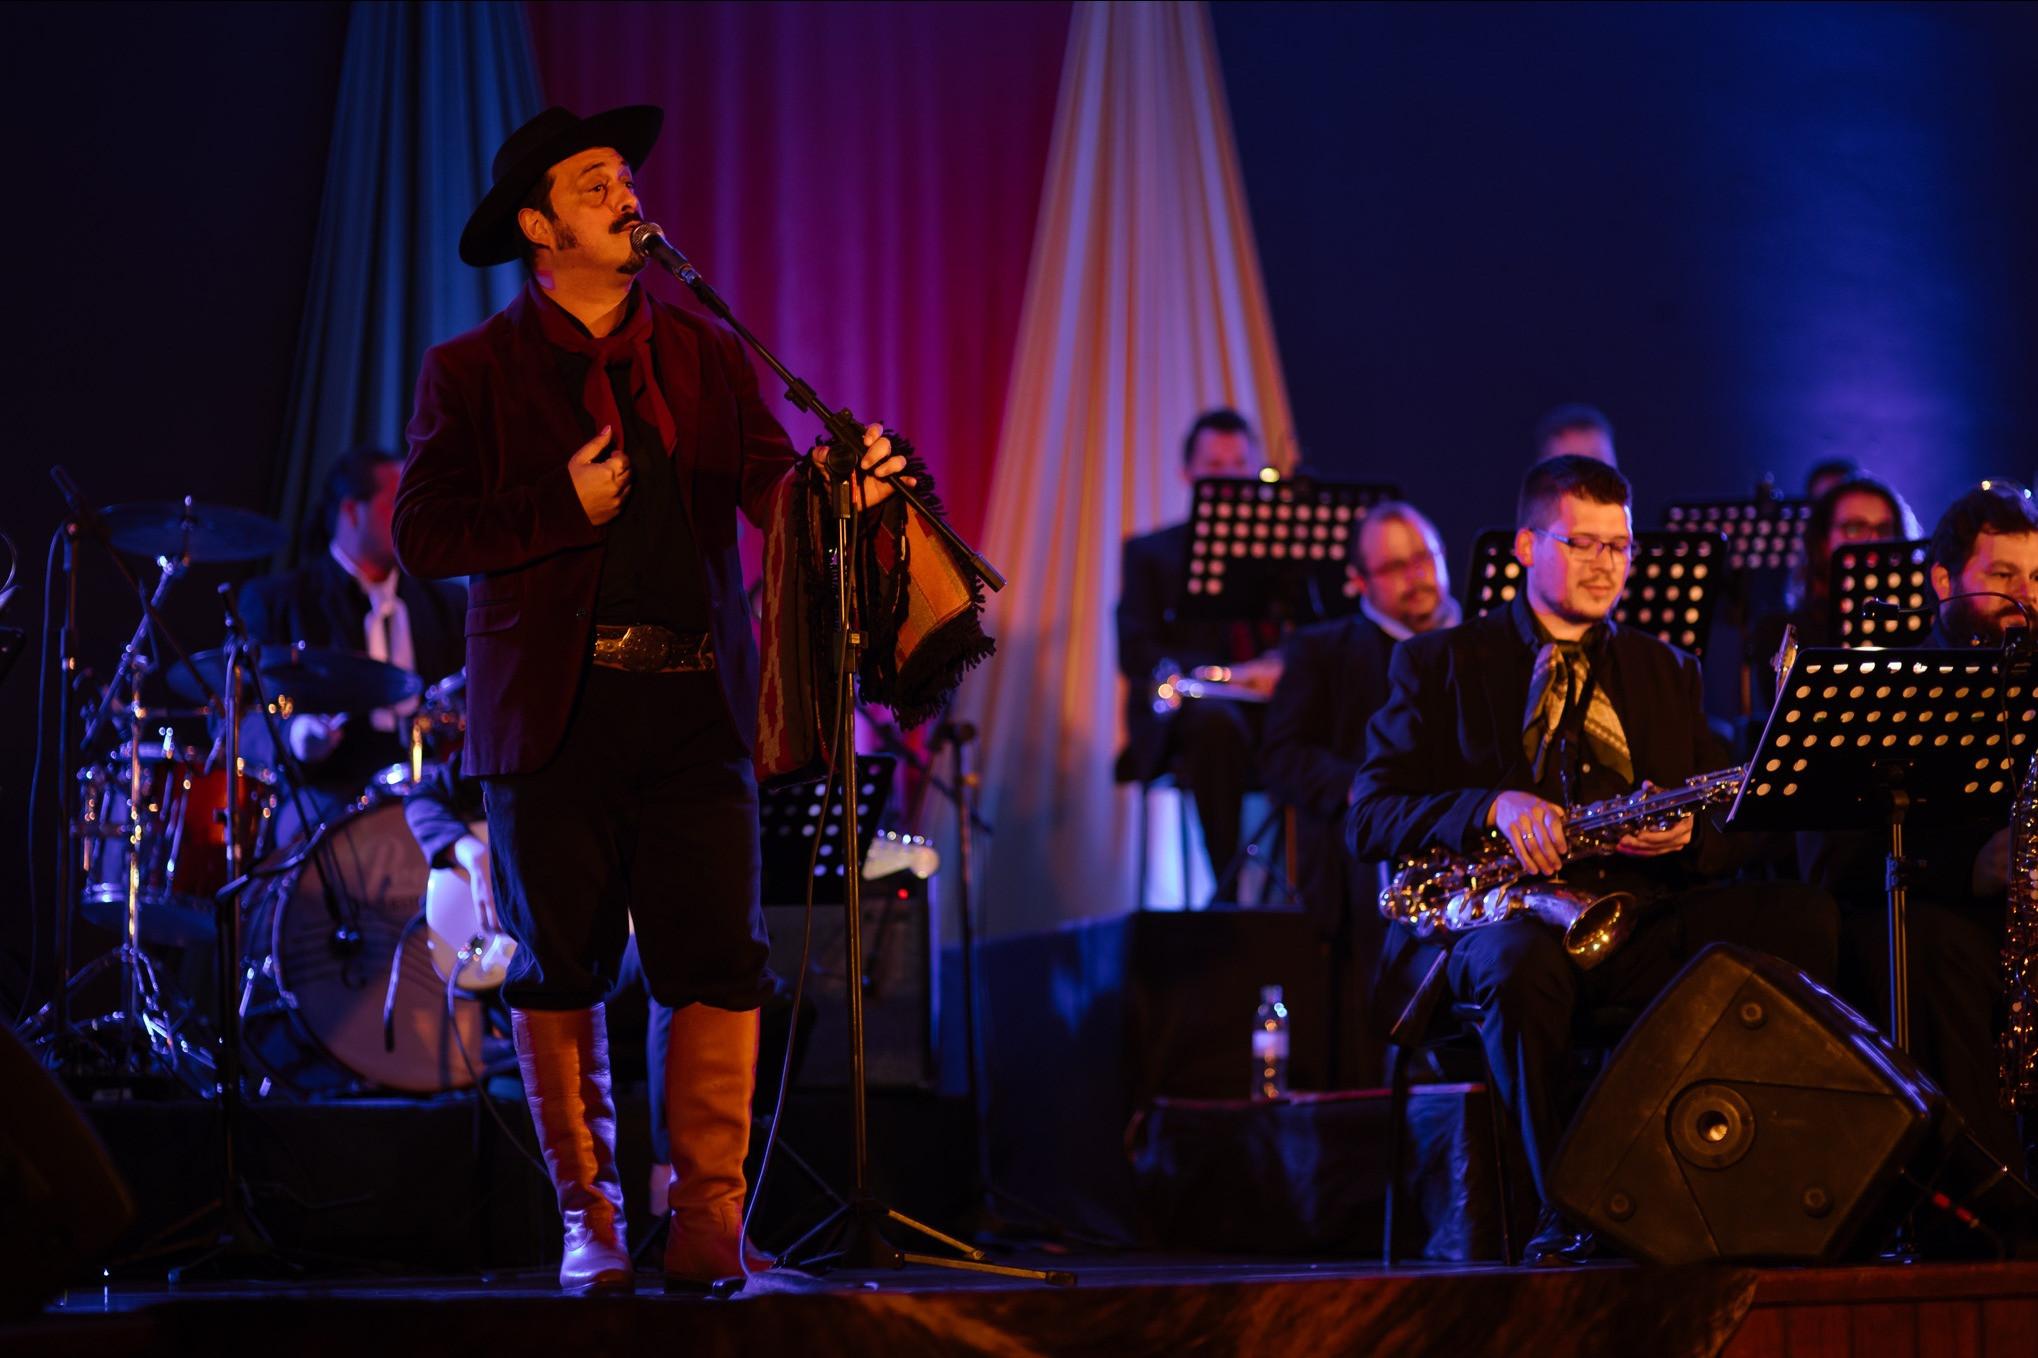 Foto Orquestra Municipal de Garibaldi lança vídeo com a participação especial de Cristiano Quevedo